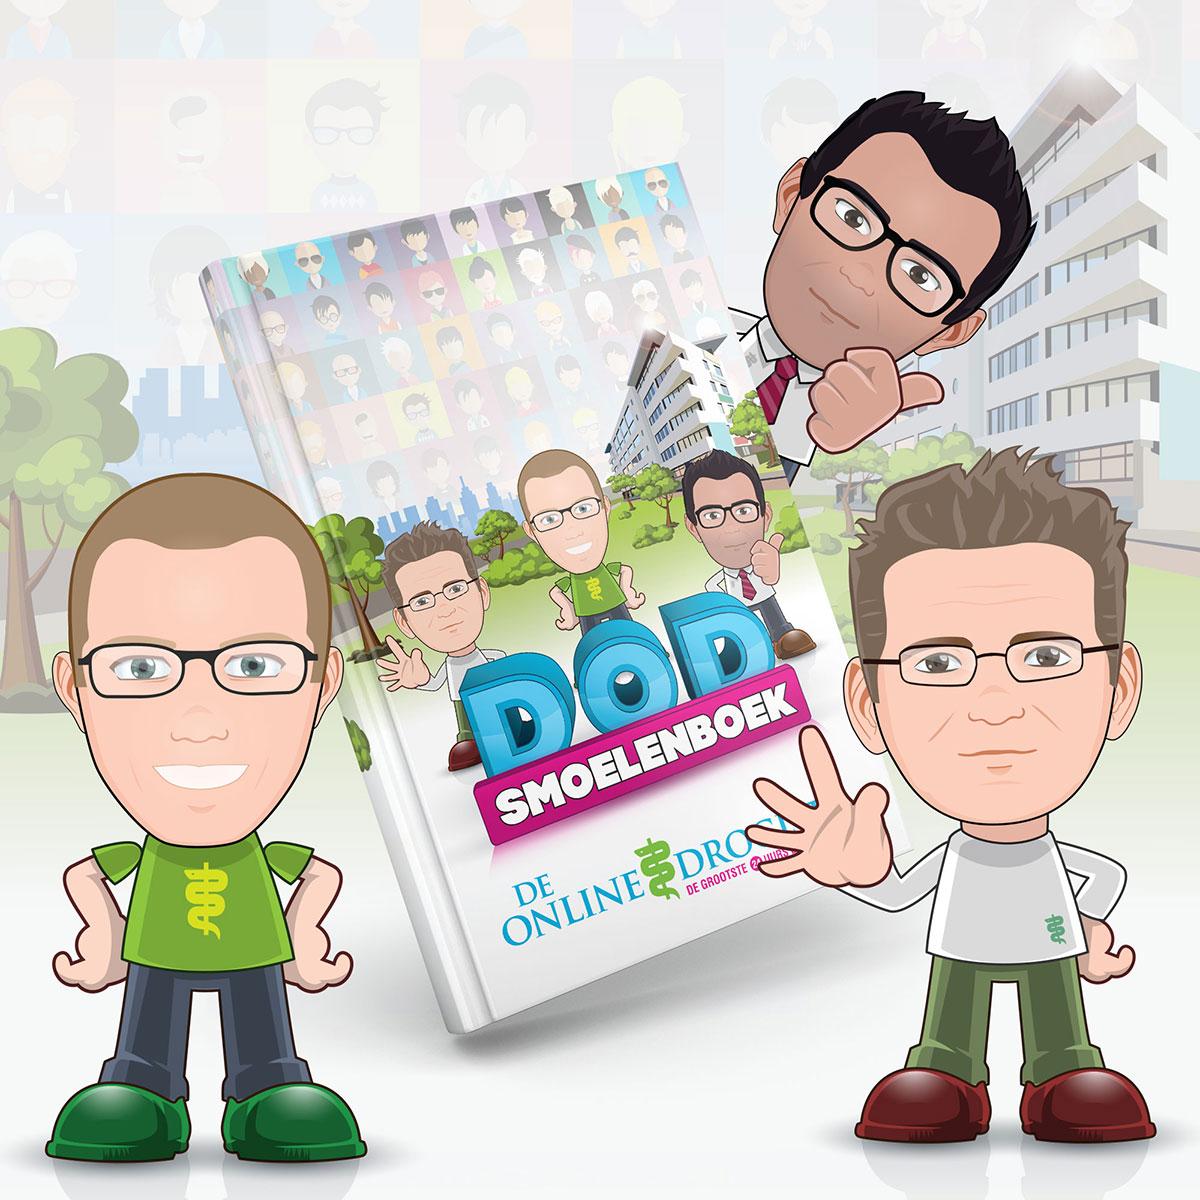 De Online Drogist - Smoelenboek